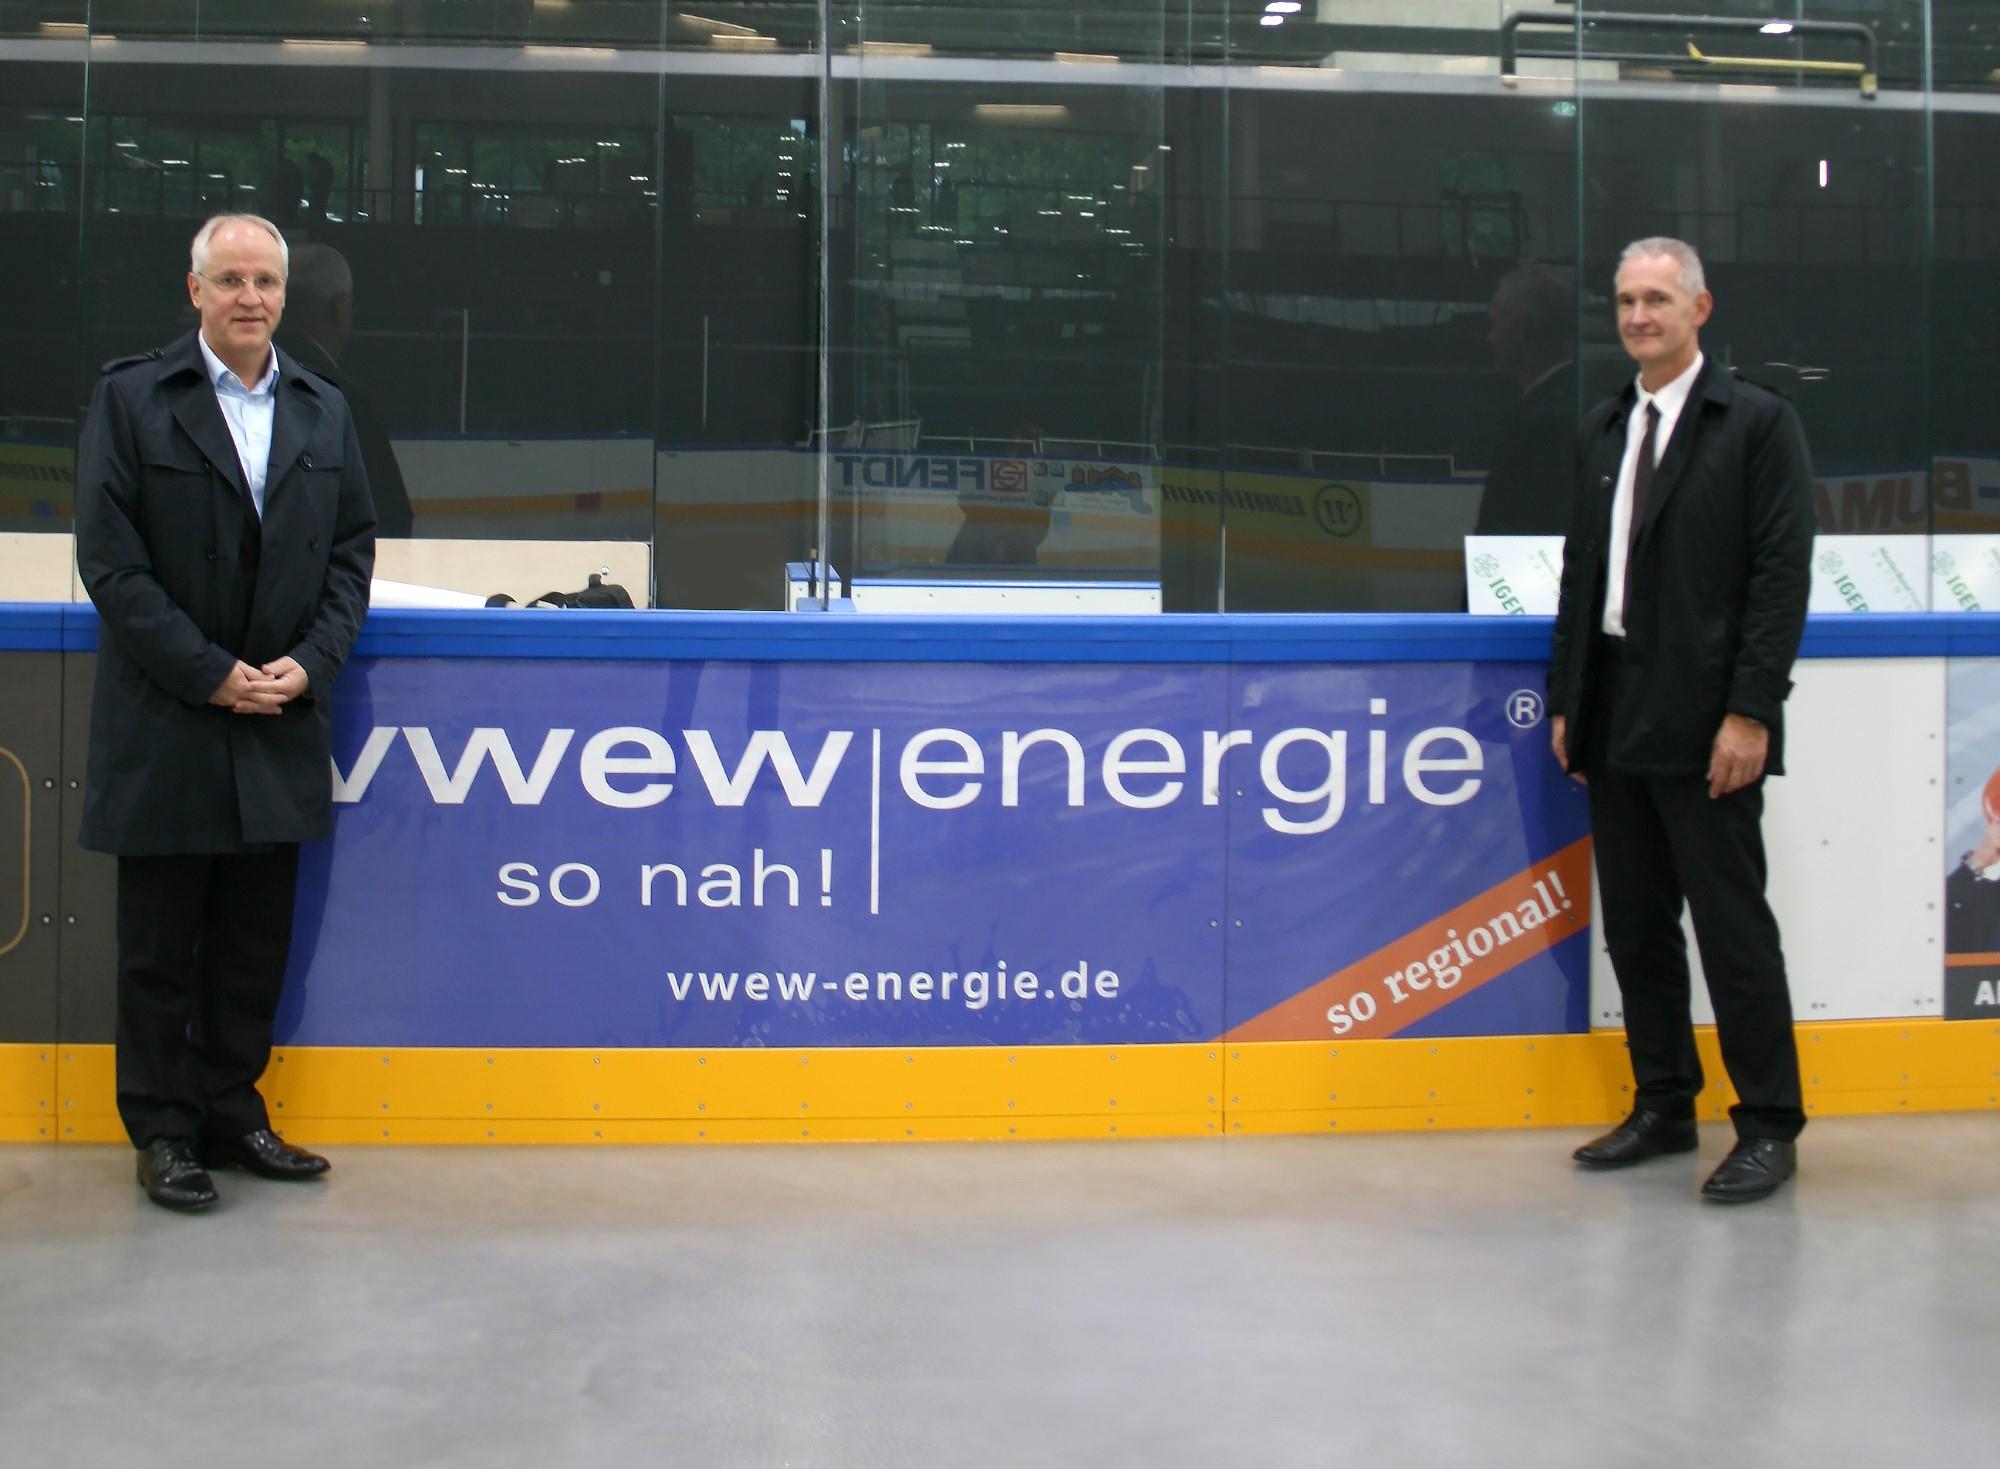 Auf der Eisfläche: Geschäftsführer der VWEW-energie Stefan Fritz und Vorstandsvorsitzender Markus Pferner freuen sich über die erste Eisbereitung im neuen Stadion.  Bildquelle: VWEW-energie